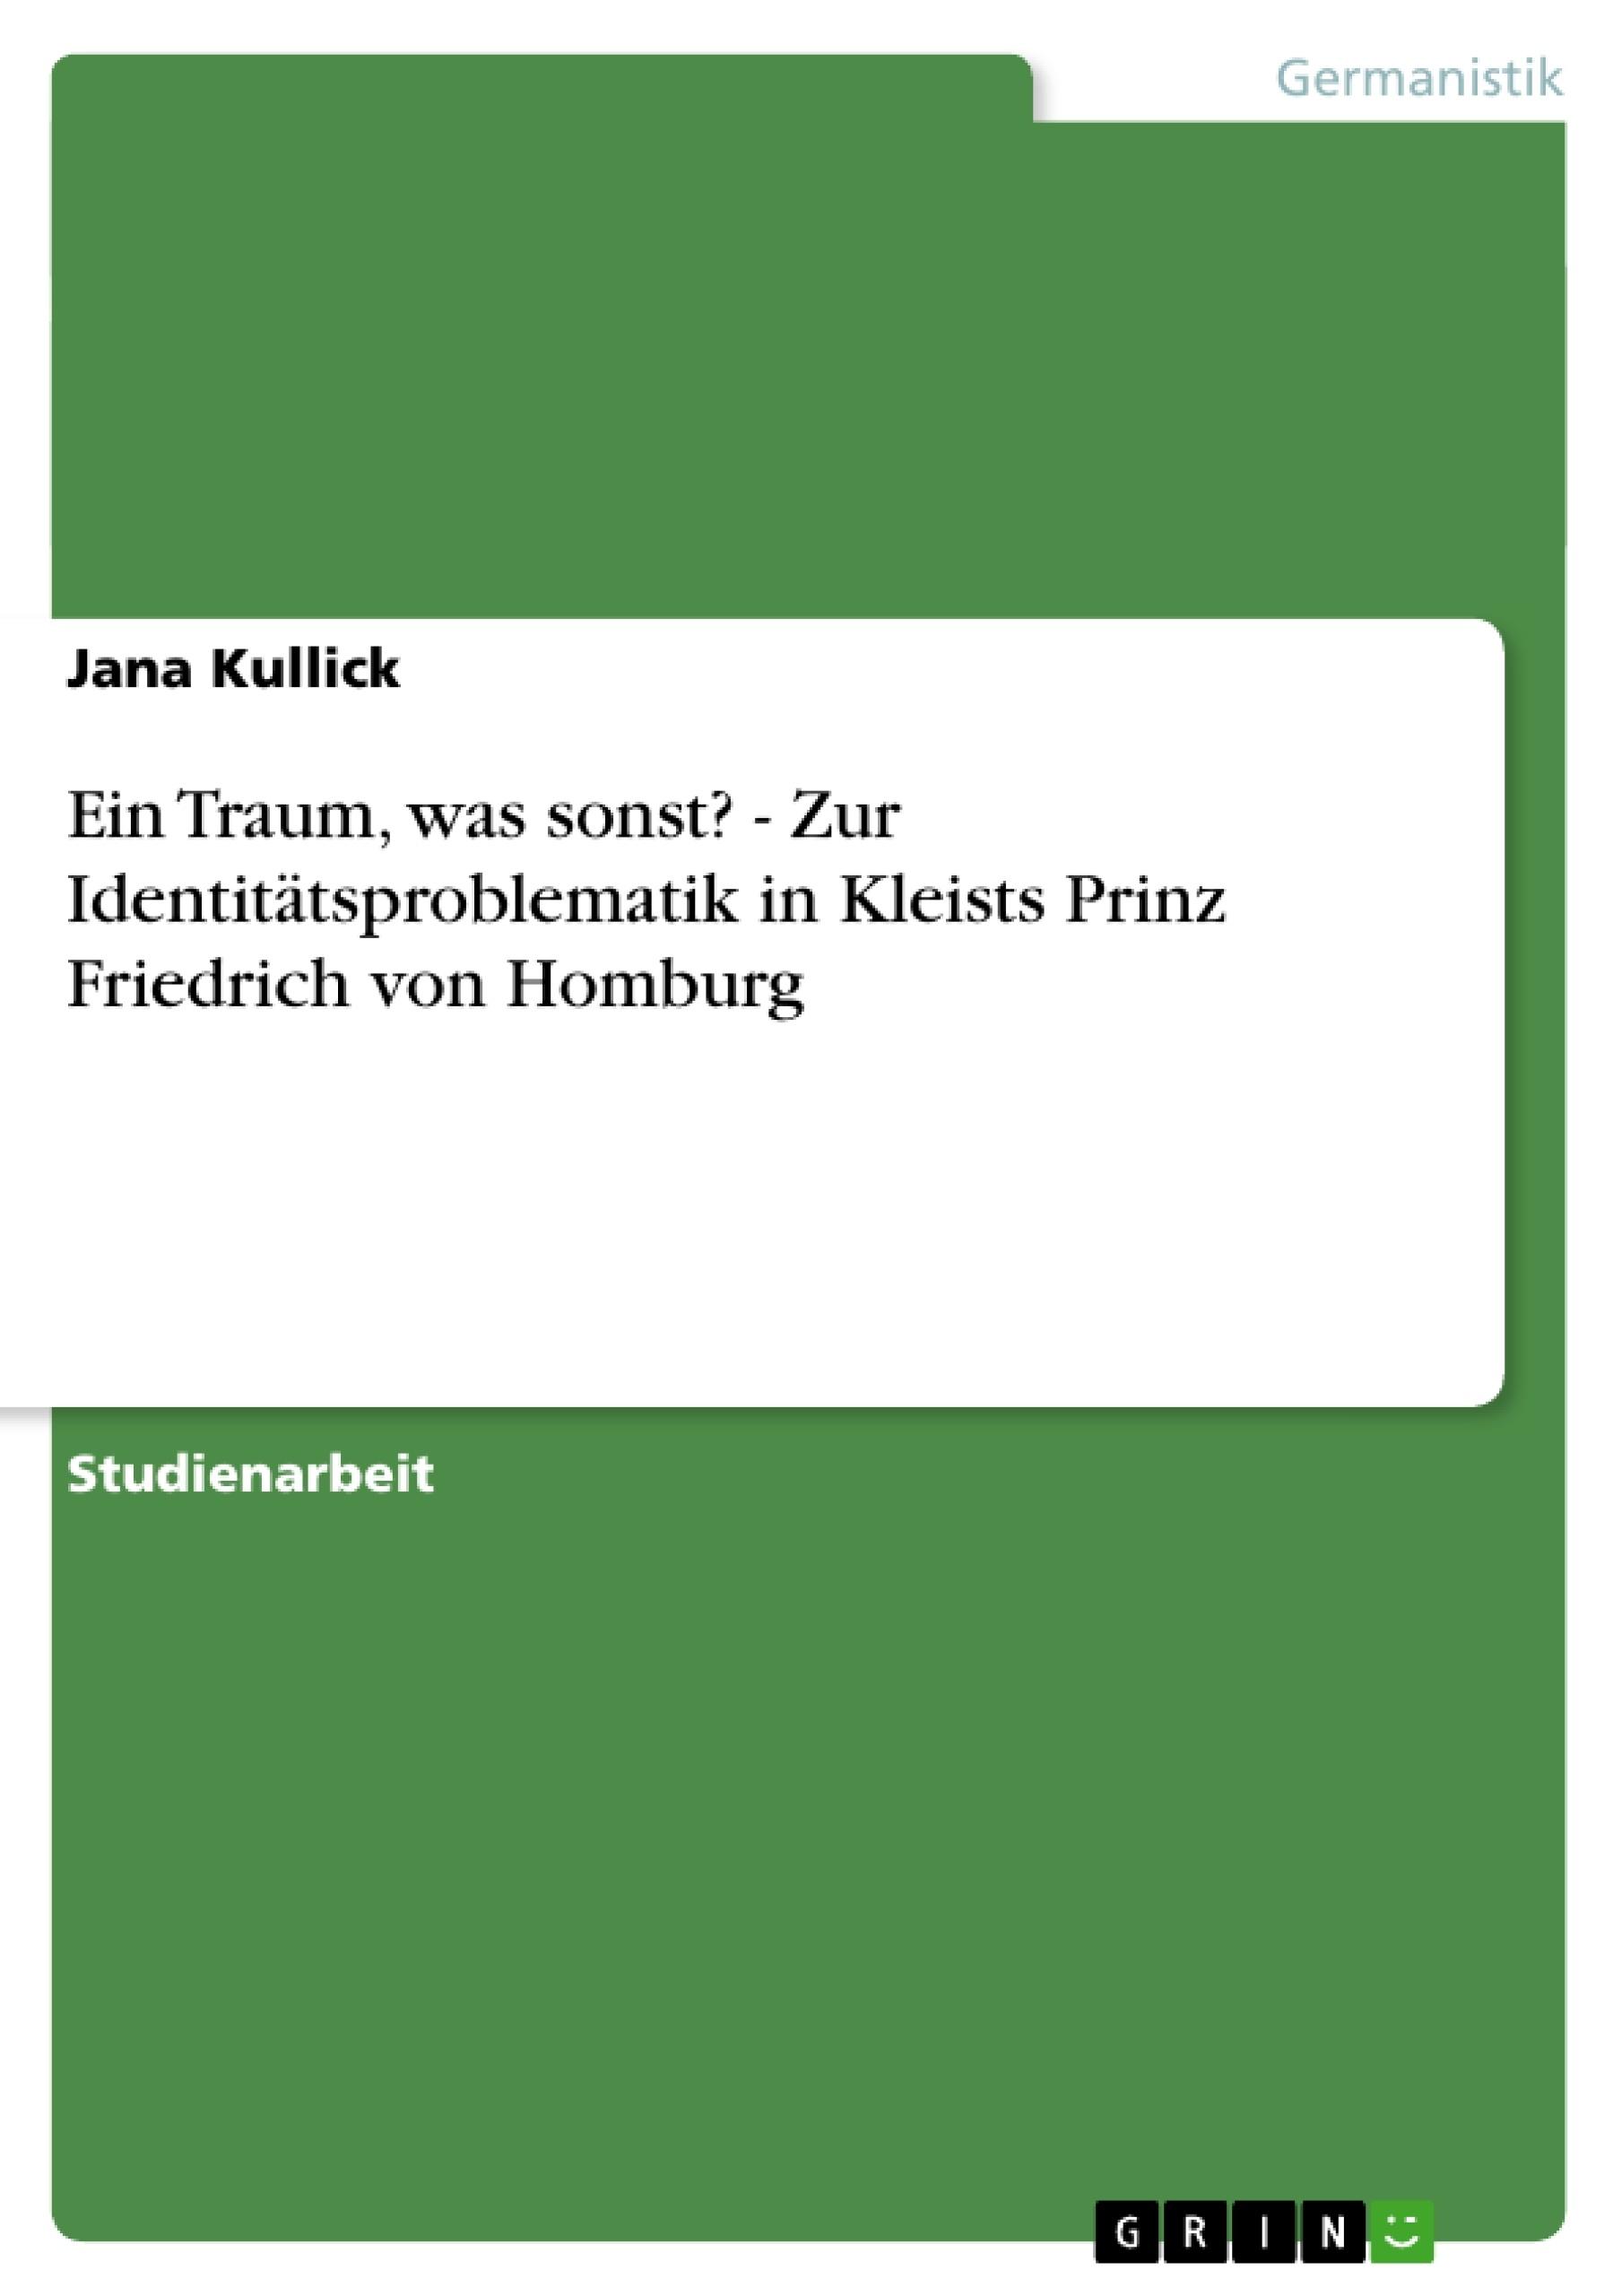 Titel: Ein Traum, was sonst? - Zur Identitätsproblematik in Kleists Prinz Friedrich von Homburg